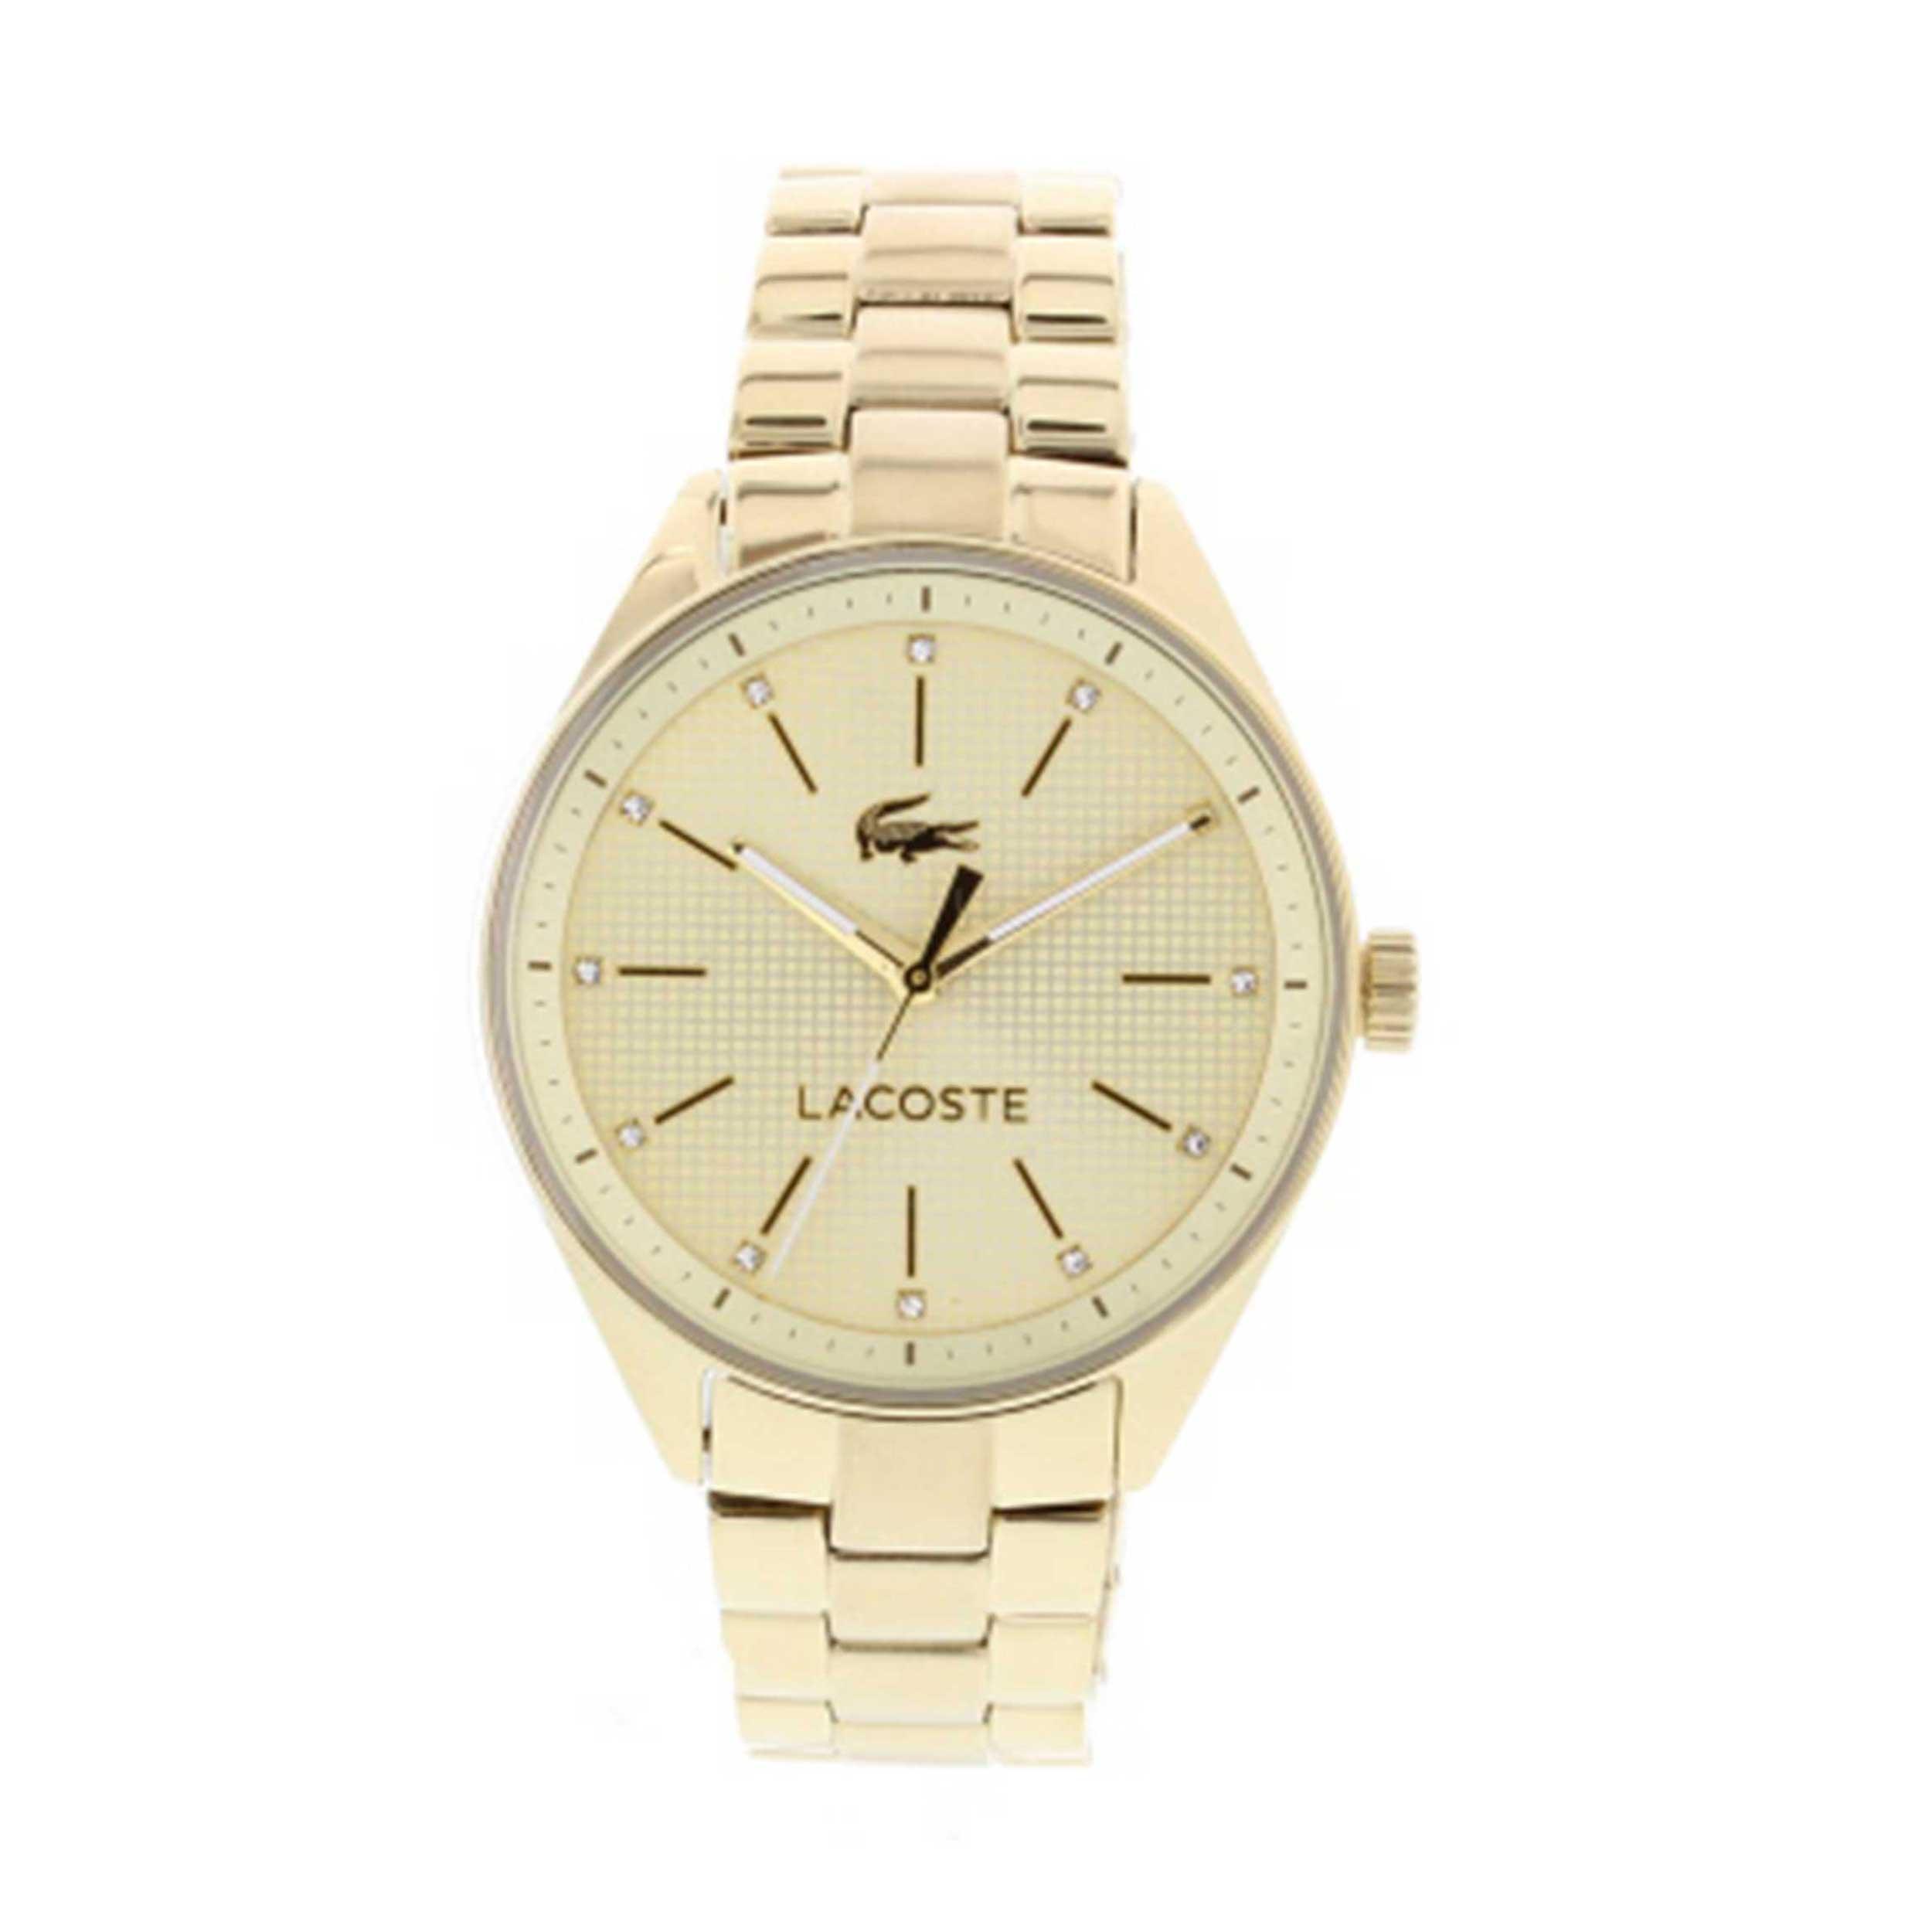 ساعت مچی عقربه ای زنانه لاگوست مدل 2000898              خرید (⭐️⭐️⭐️)